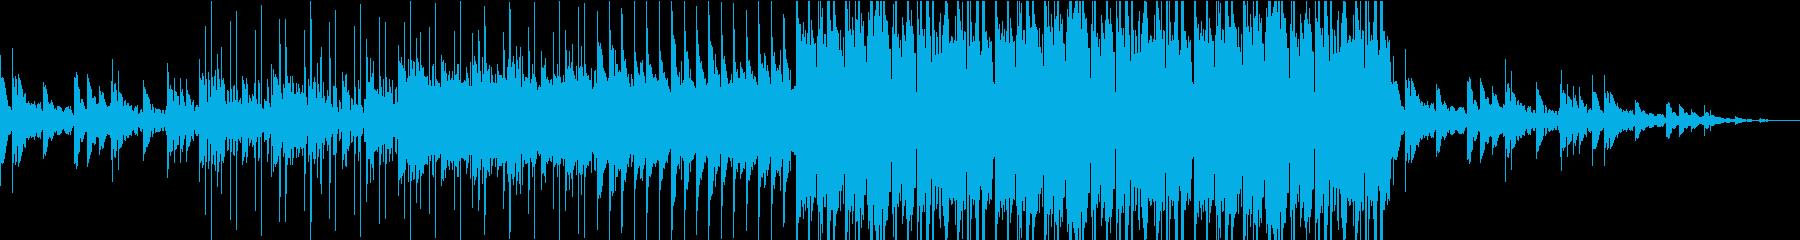 冬に聴きたいポップでおしゃれなBGMの再生済みの波形